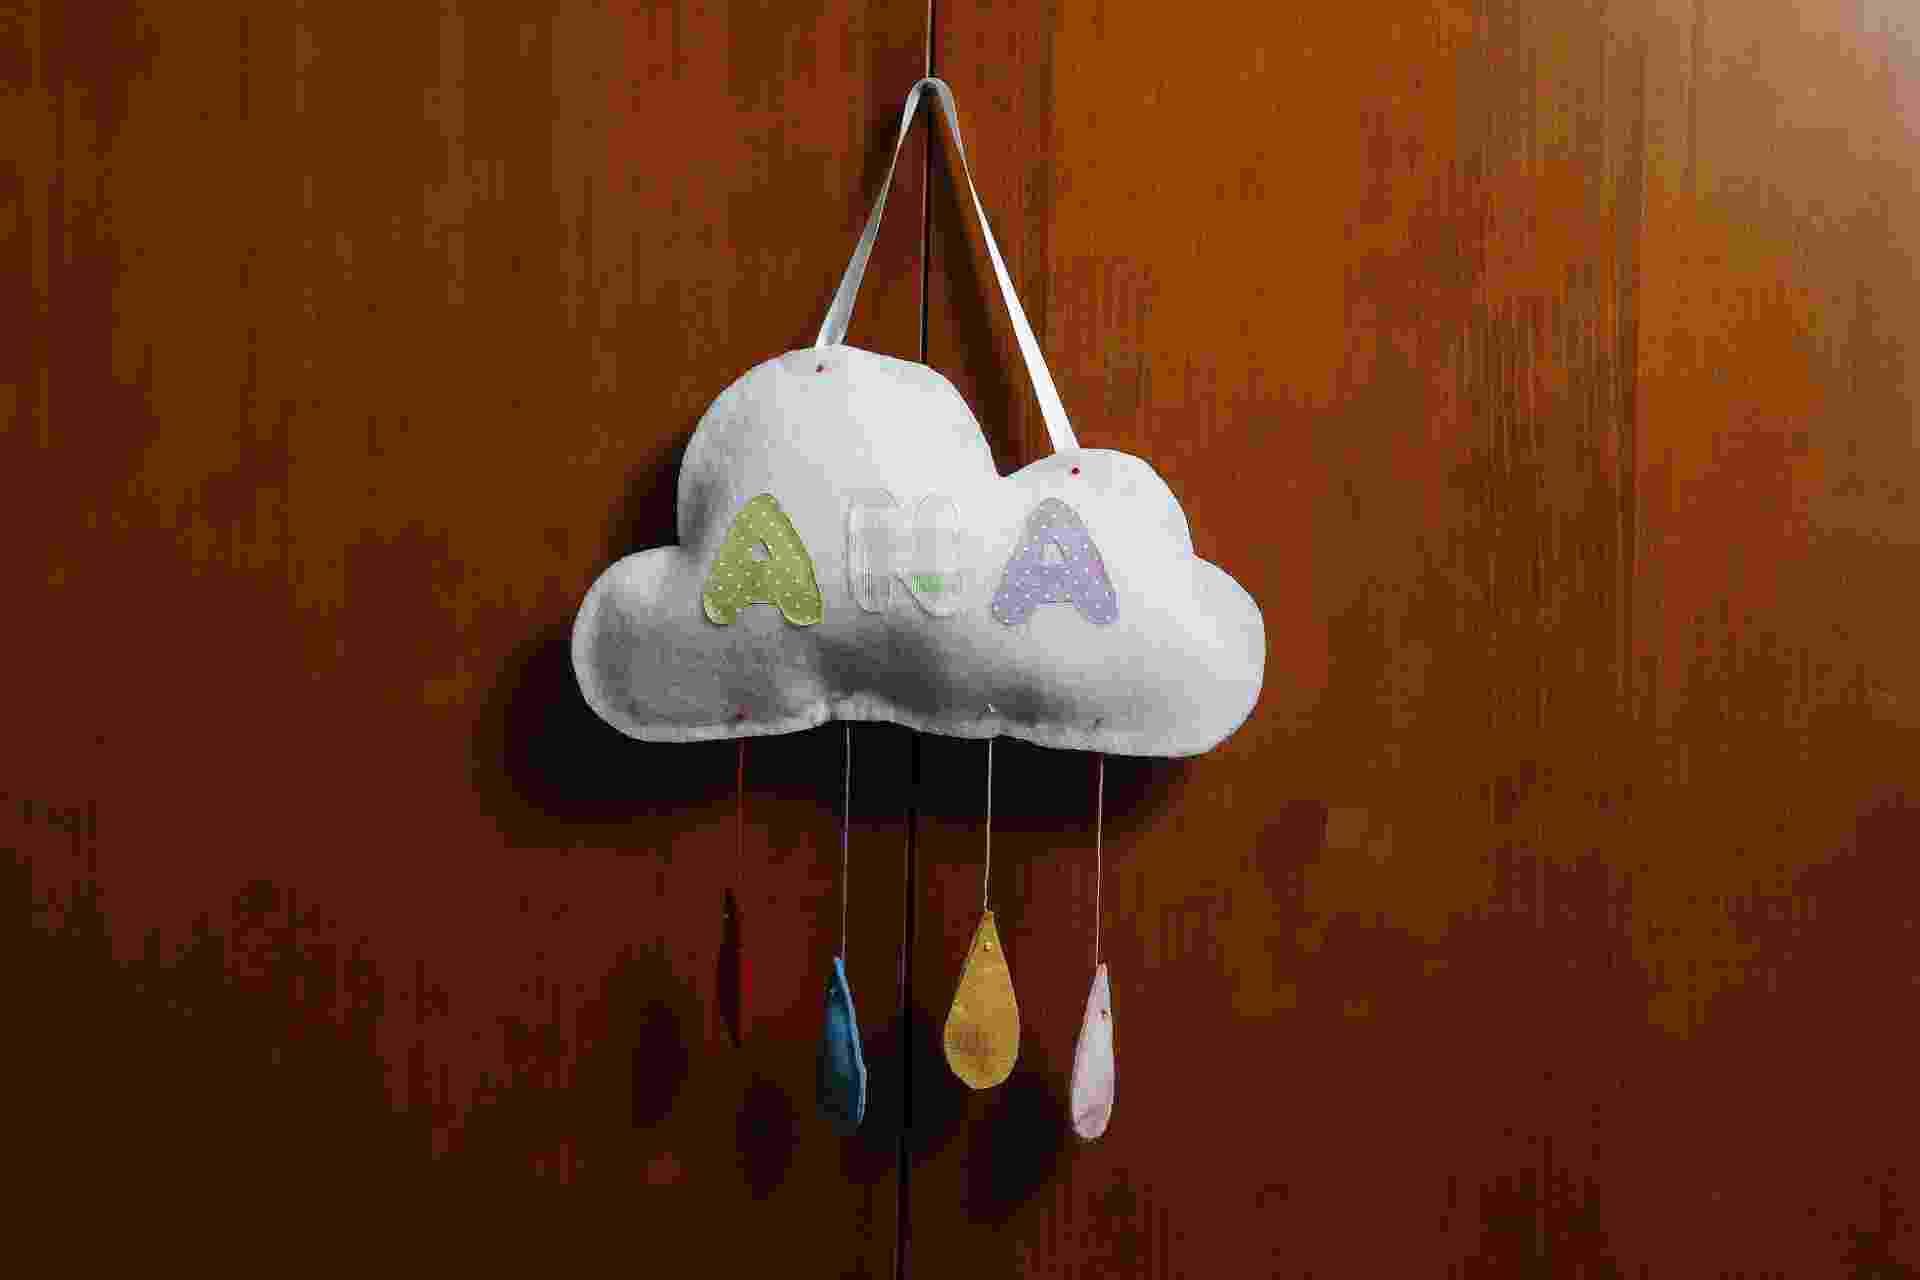 passo a passo de enfeite de nuvem para porta de maternidade - Reinaldo Canato/UOL